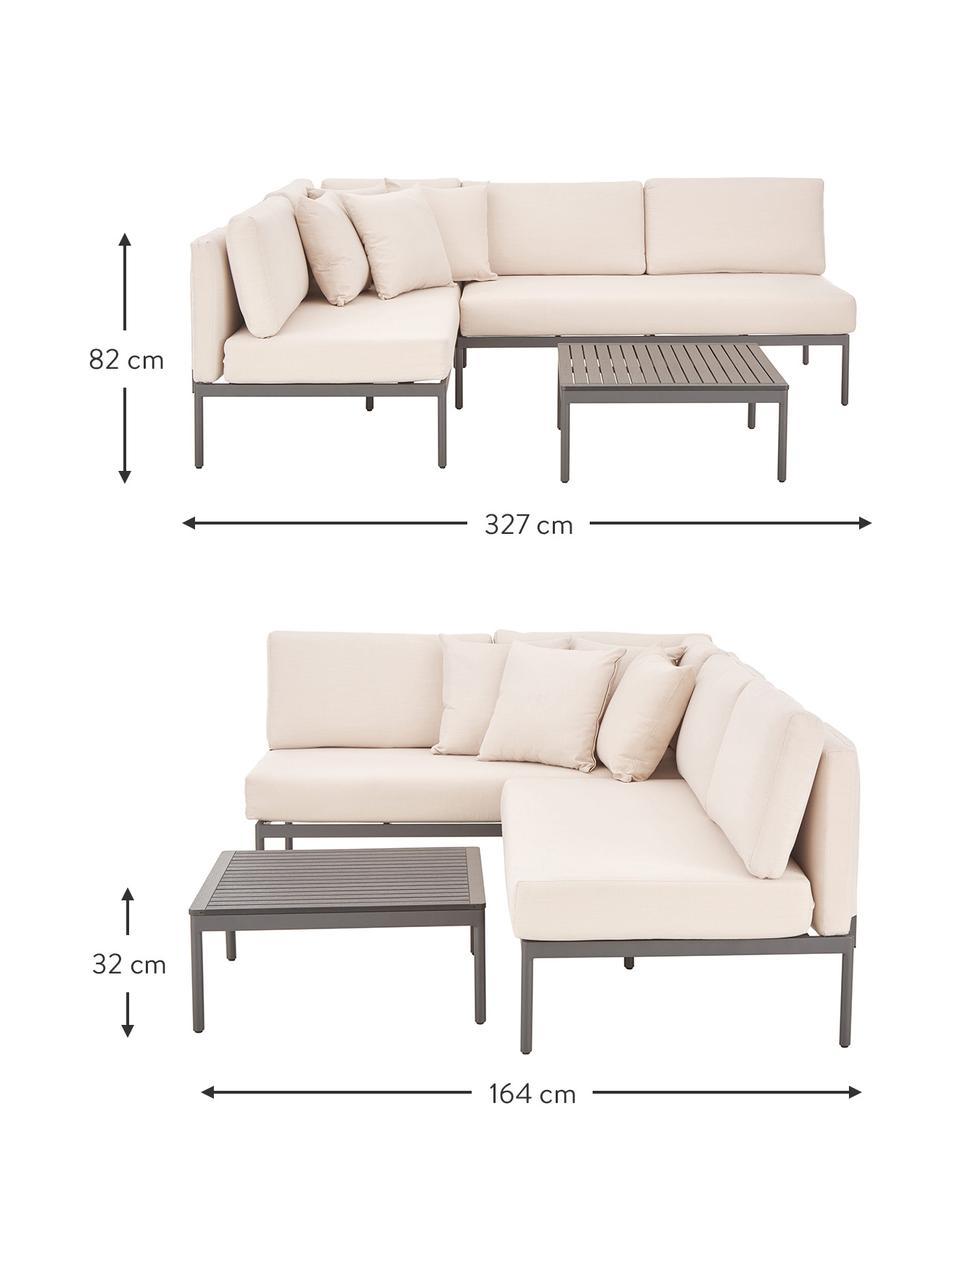 Garten-Lounge-Set Linden, 2-tlg. in Beige, Bezug: 100% Polyester Der hochwe, Gestell: Metall, pulverbeschichtet, Tischplatte: Holz-Kunststoff-Verbundwe, Gestell: Metall, pulverbeschichtet, Grau,Beige, Set mit verschiedenen Größen